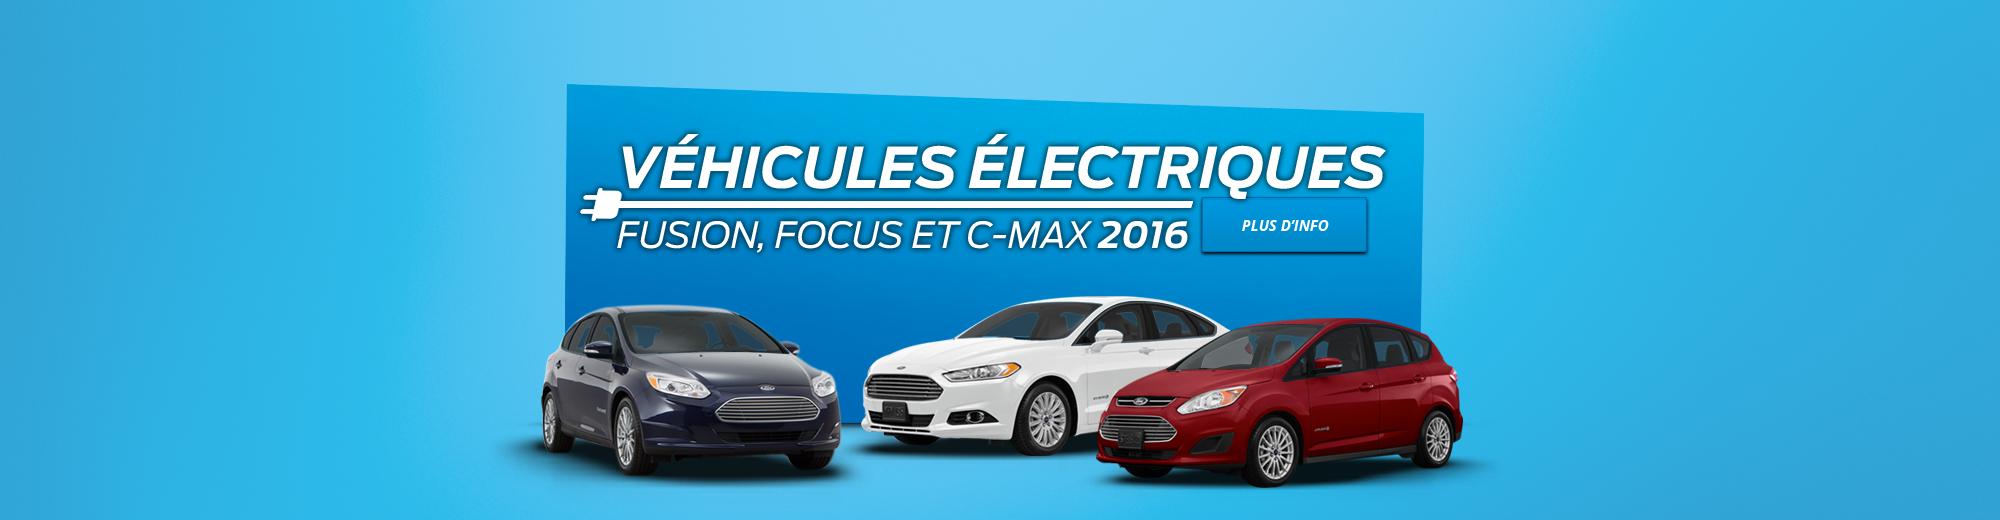 Véhicules électriques Fusion, Focus et C-Max 2016